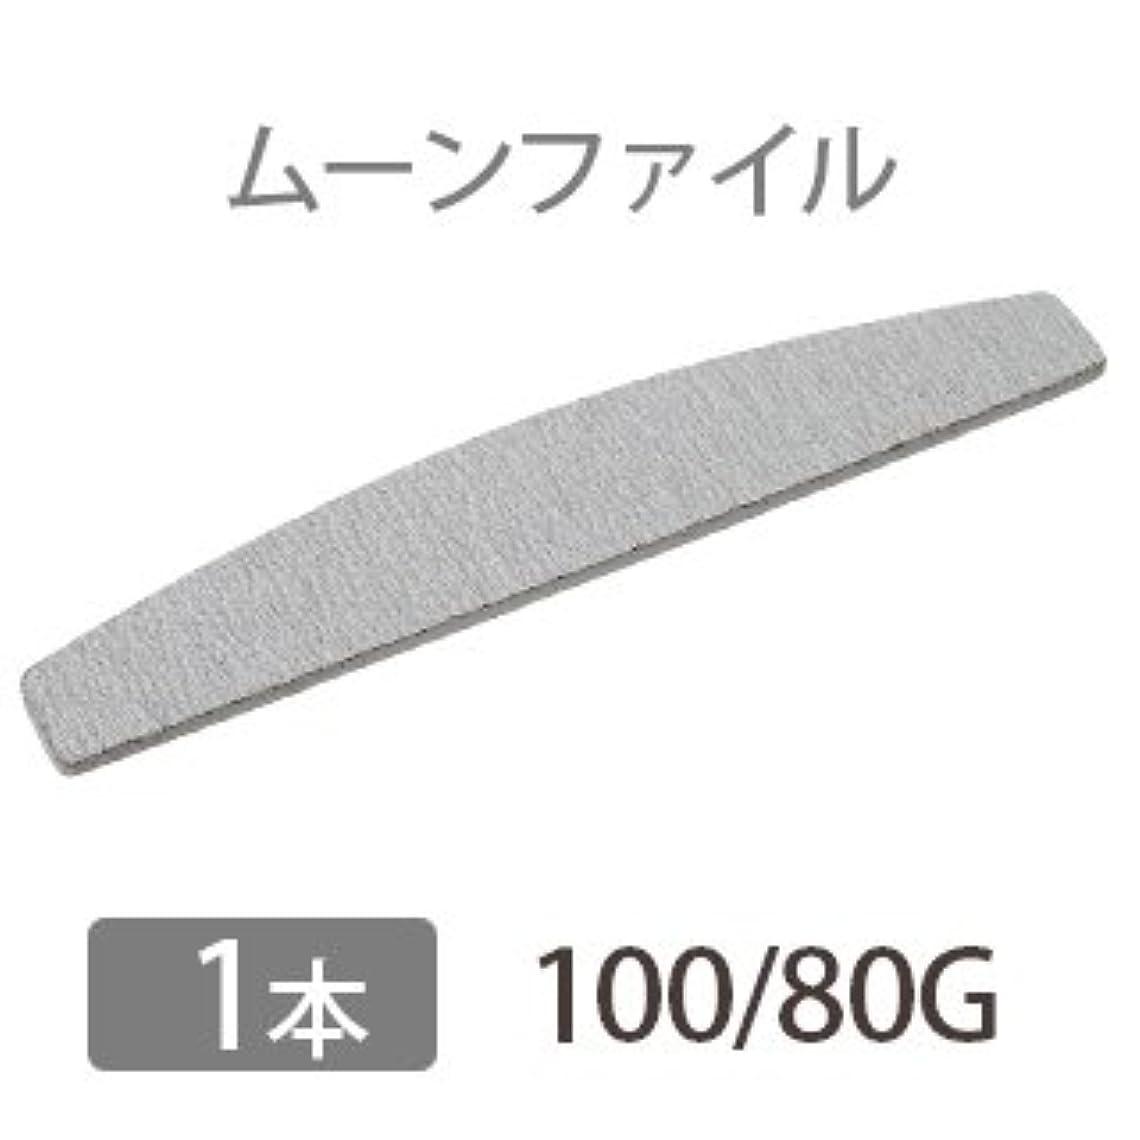 爬虫類断線代表ムーンファイル 100/80 【ネイル オフ ケア用品】